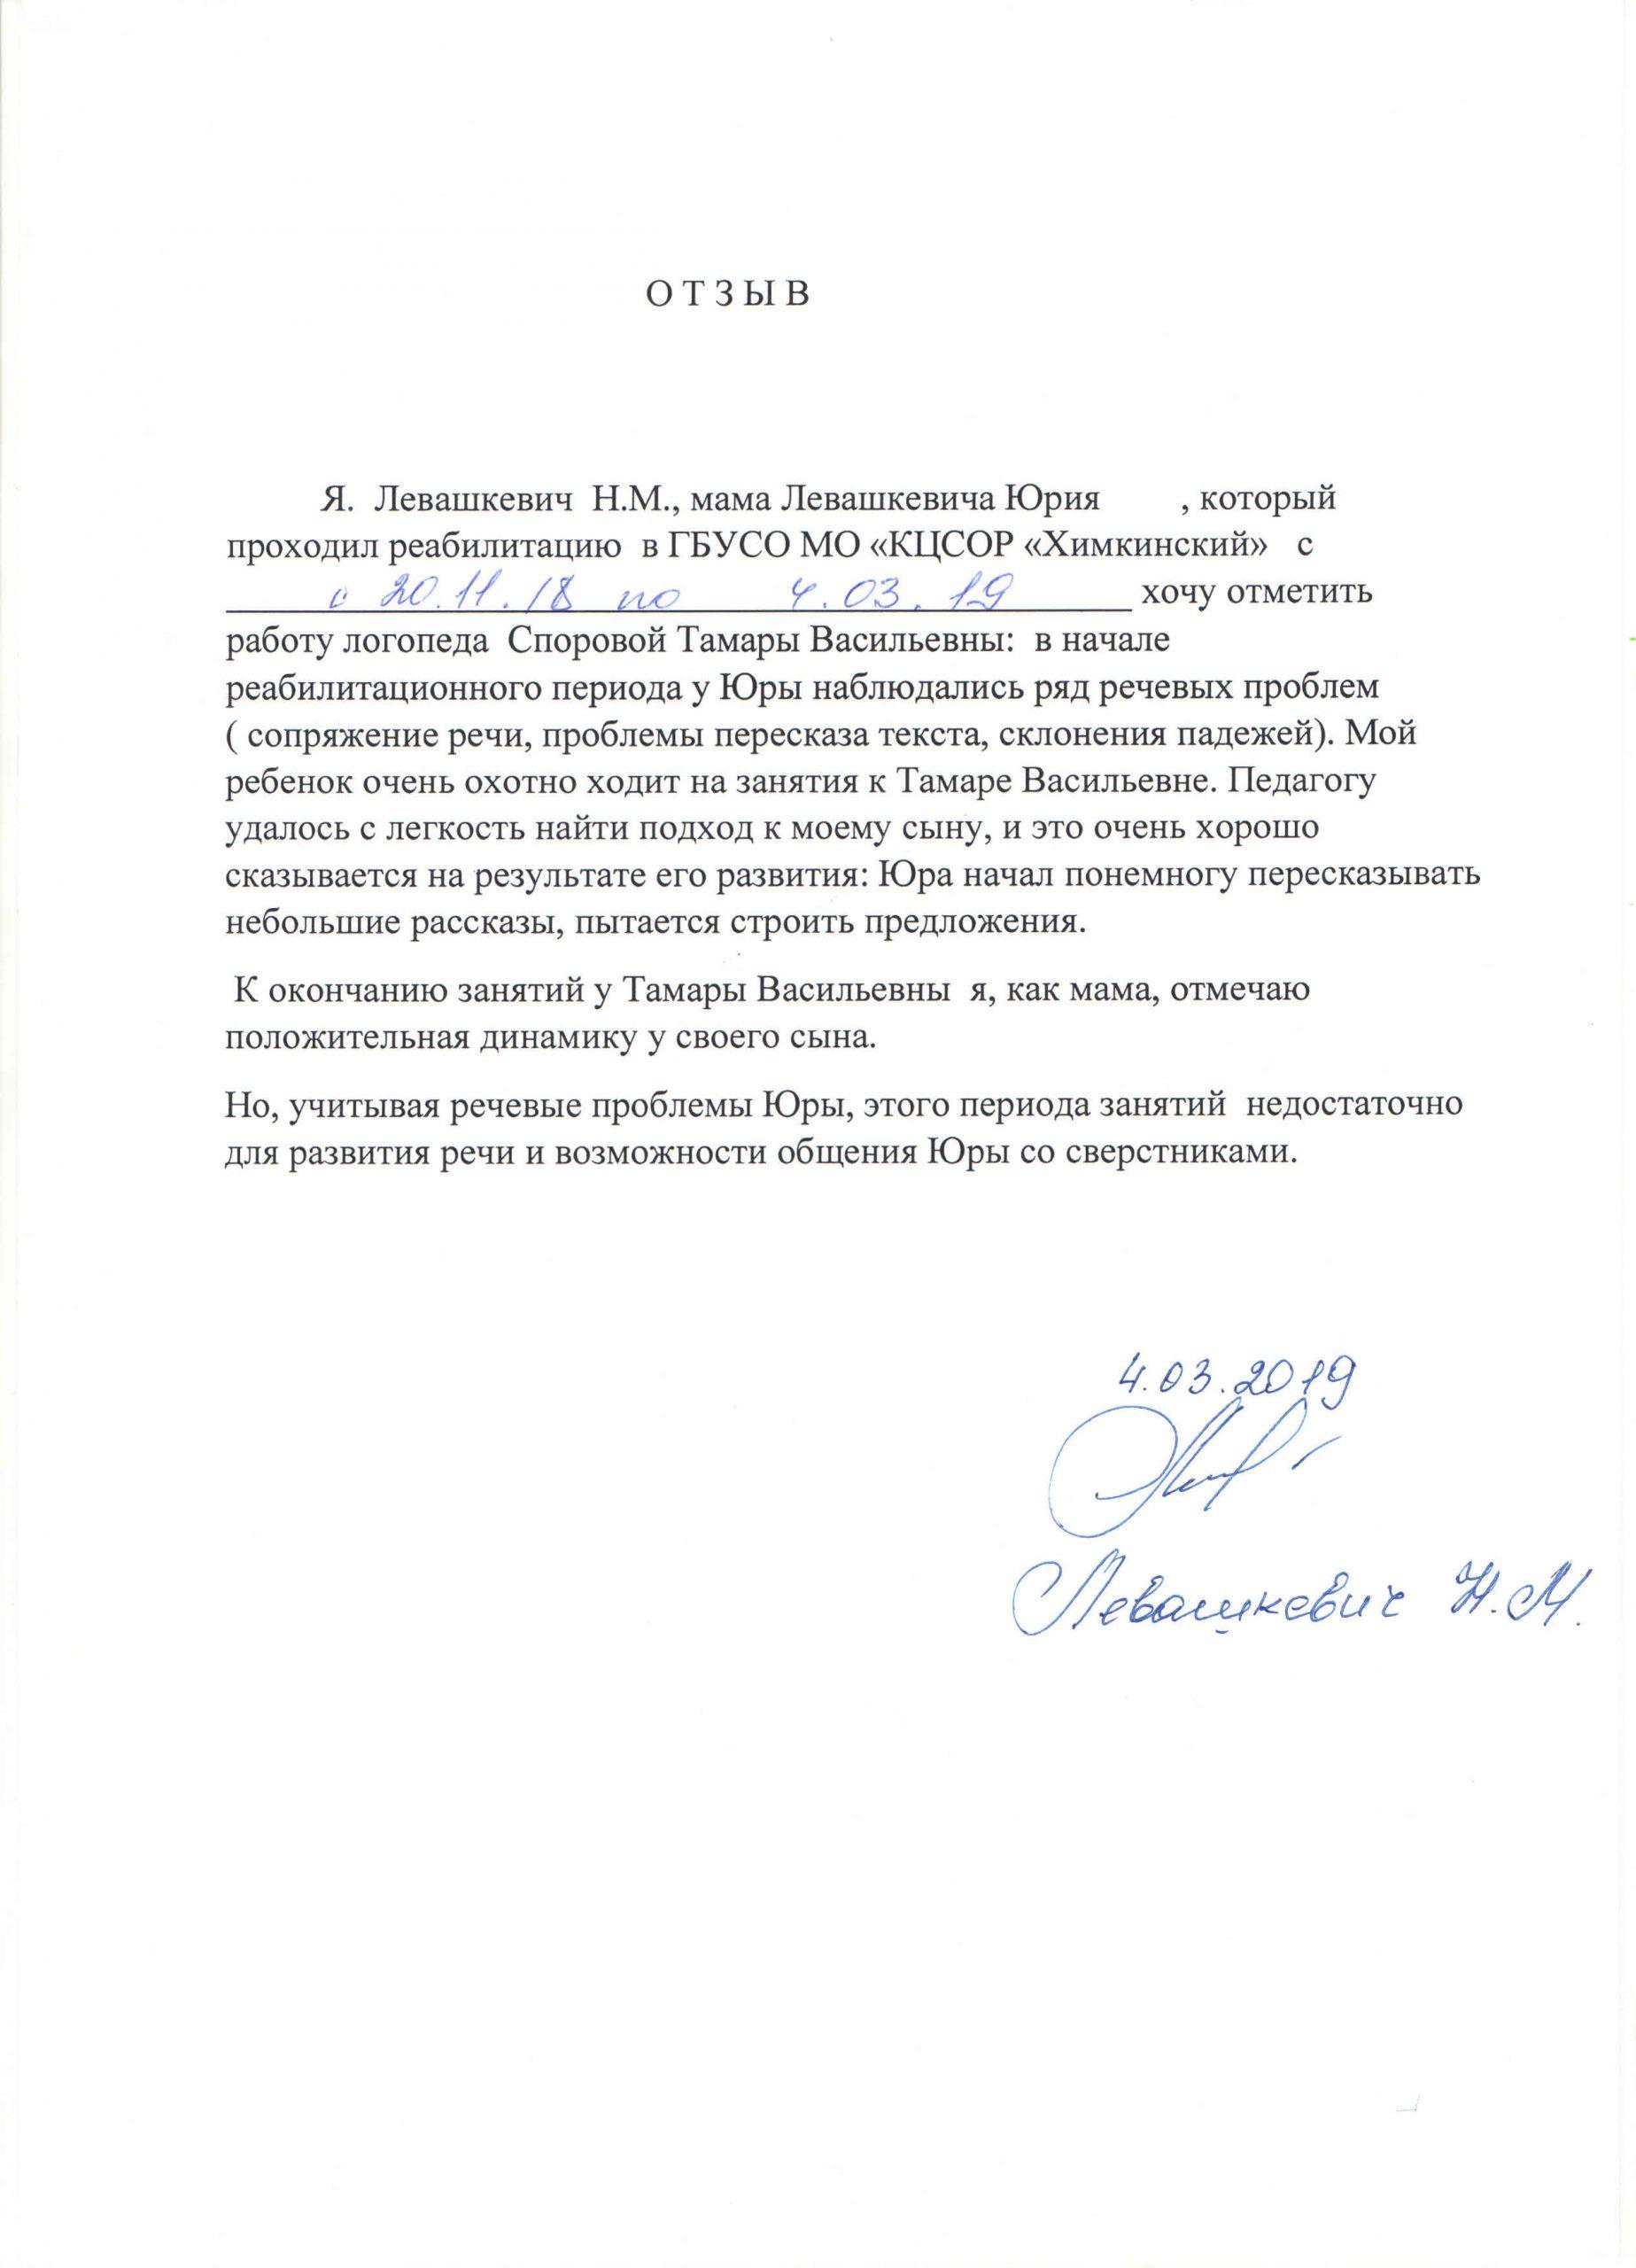 Спорова, 04.03.2019